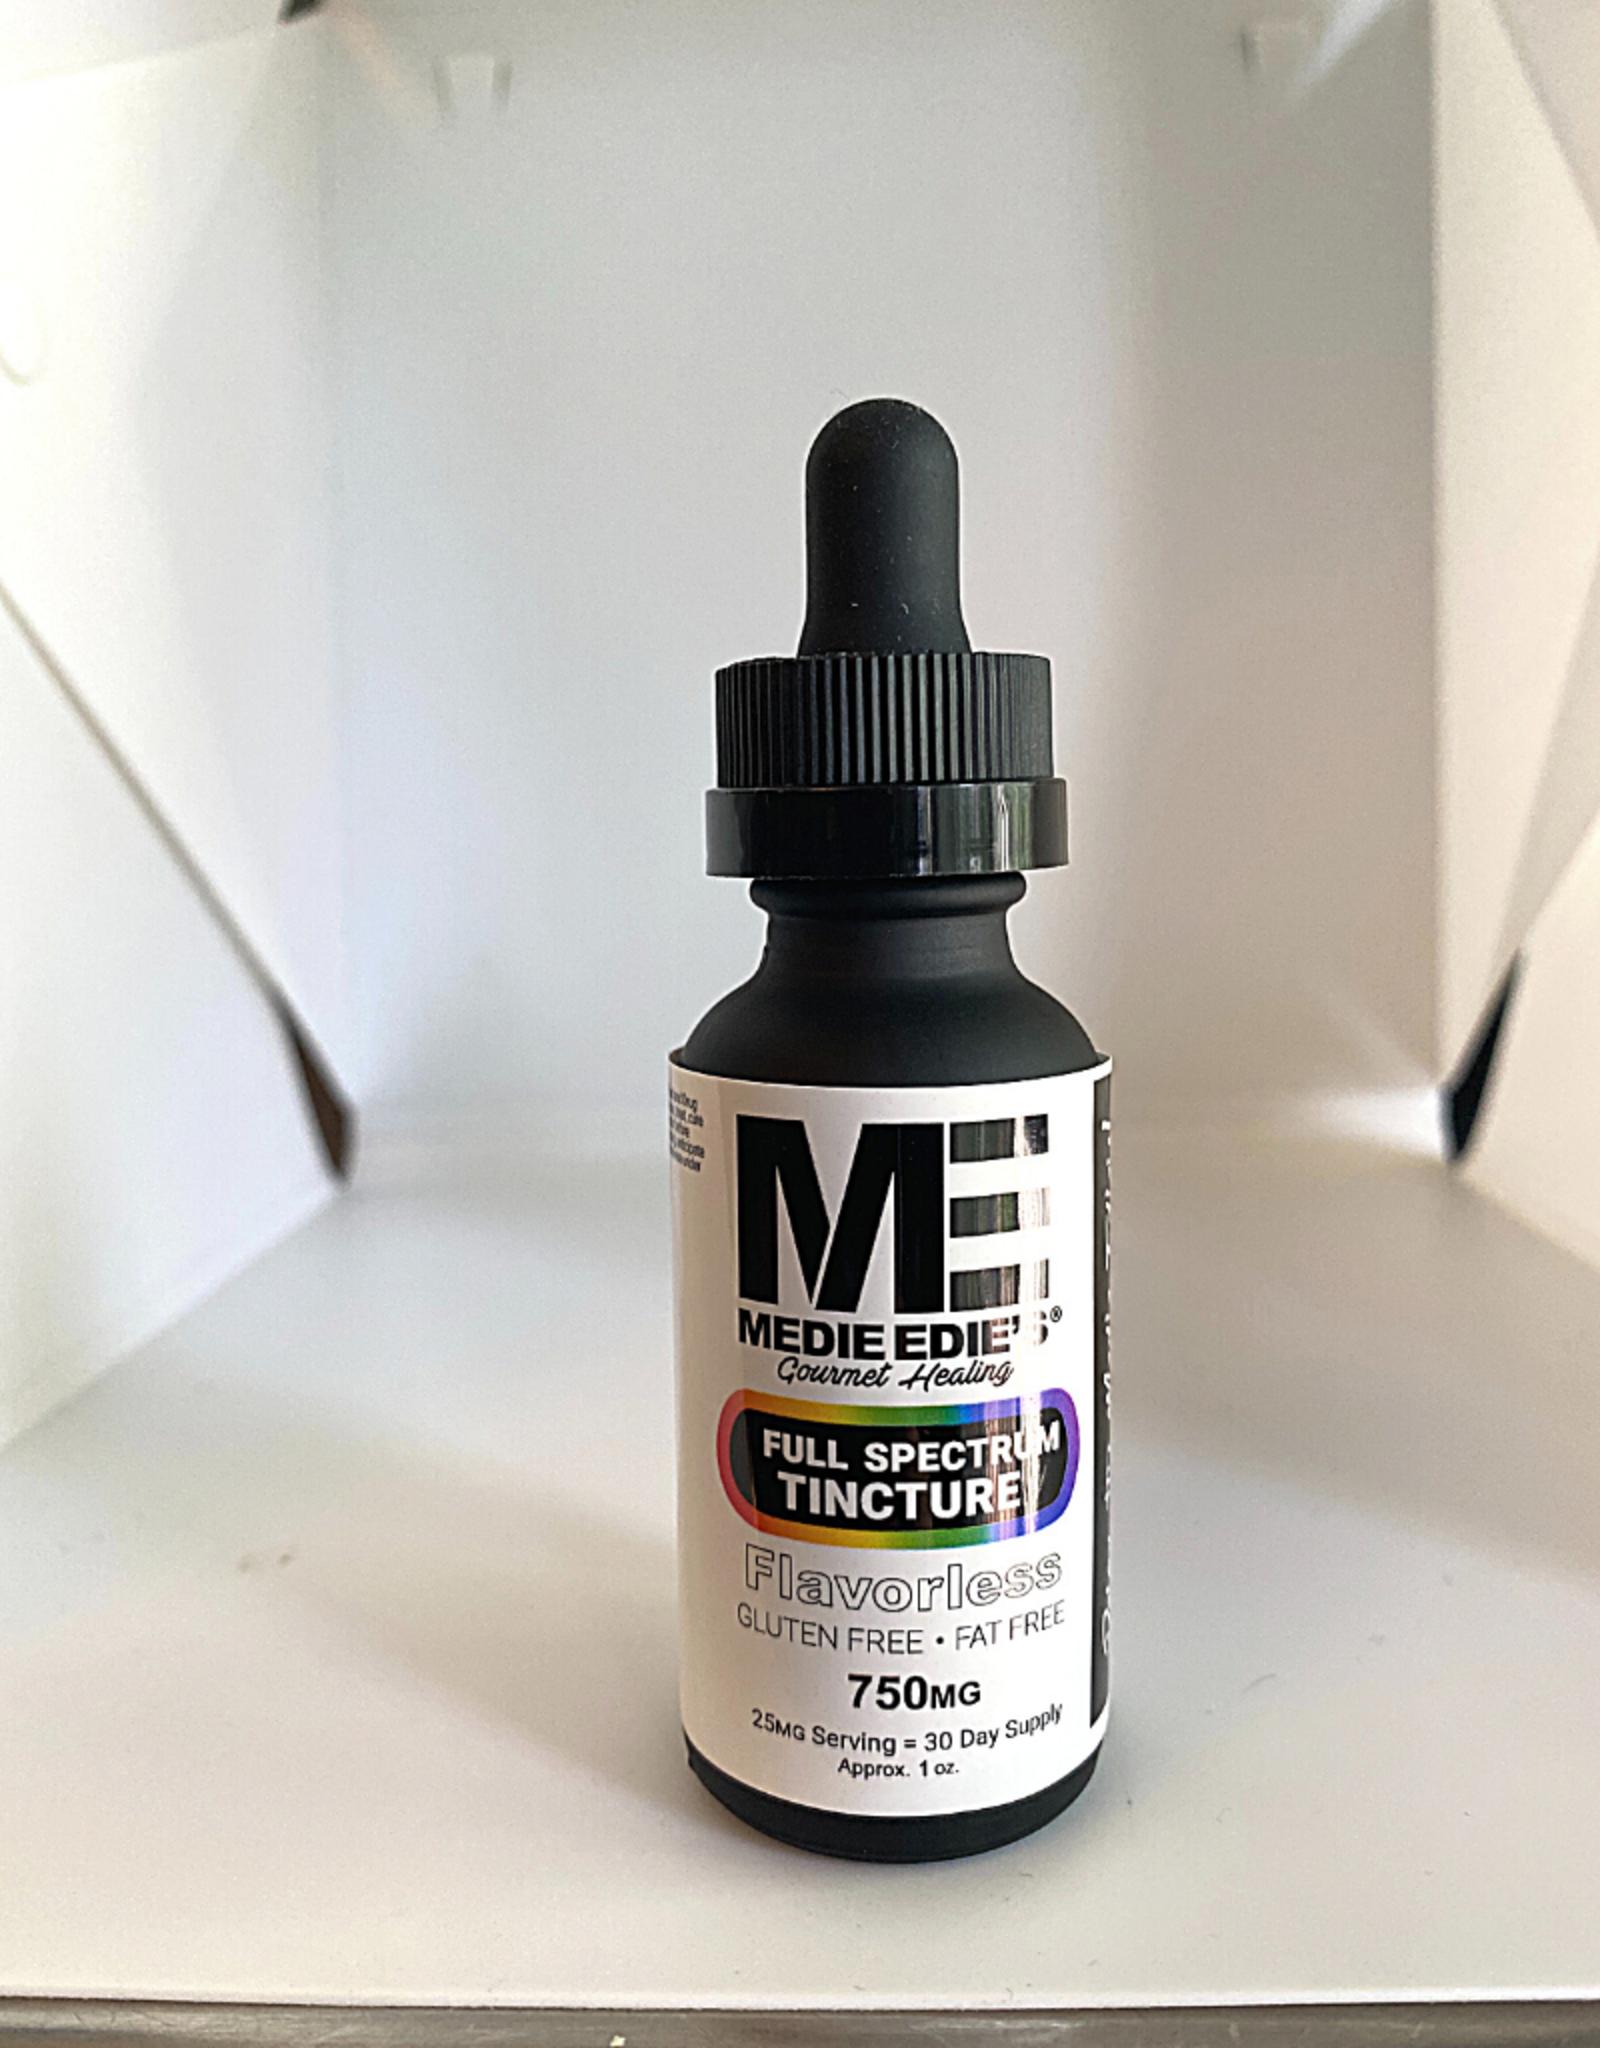 Medie Edie's Medie Edie's 30ml Full Spectrum Tincture Flavorless-25mg.750mg